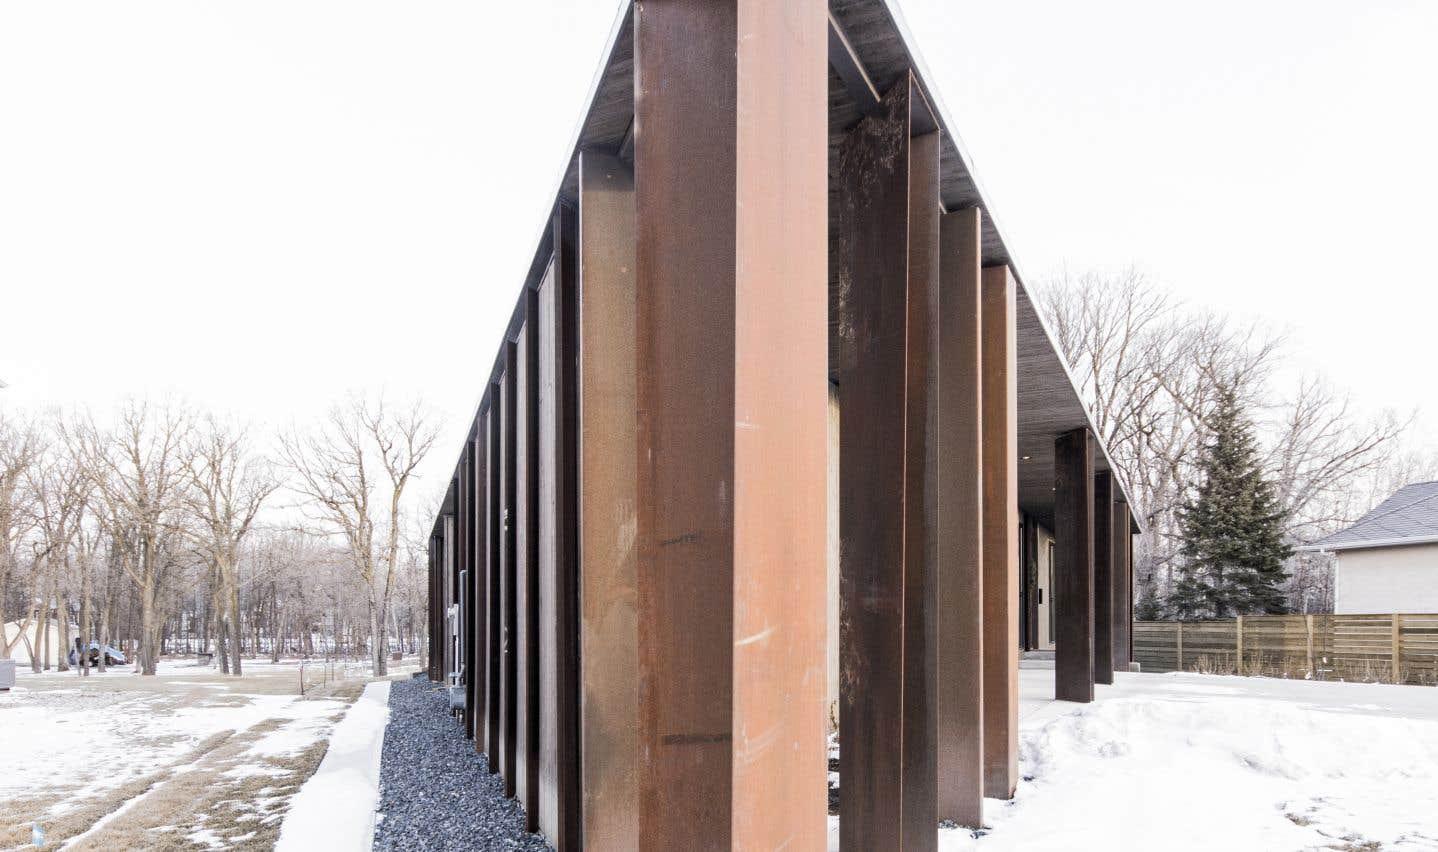 La Résidence parallélogramme (Manitoba),5468796 Architecture